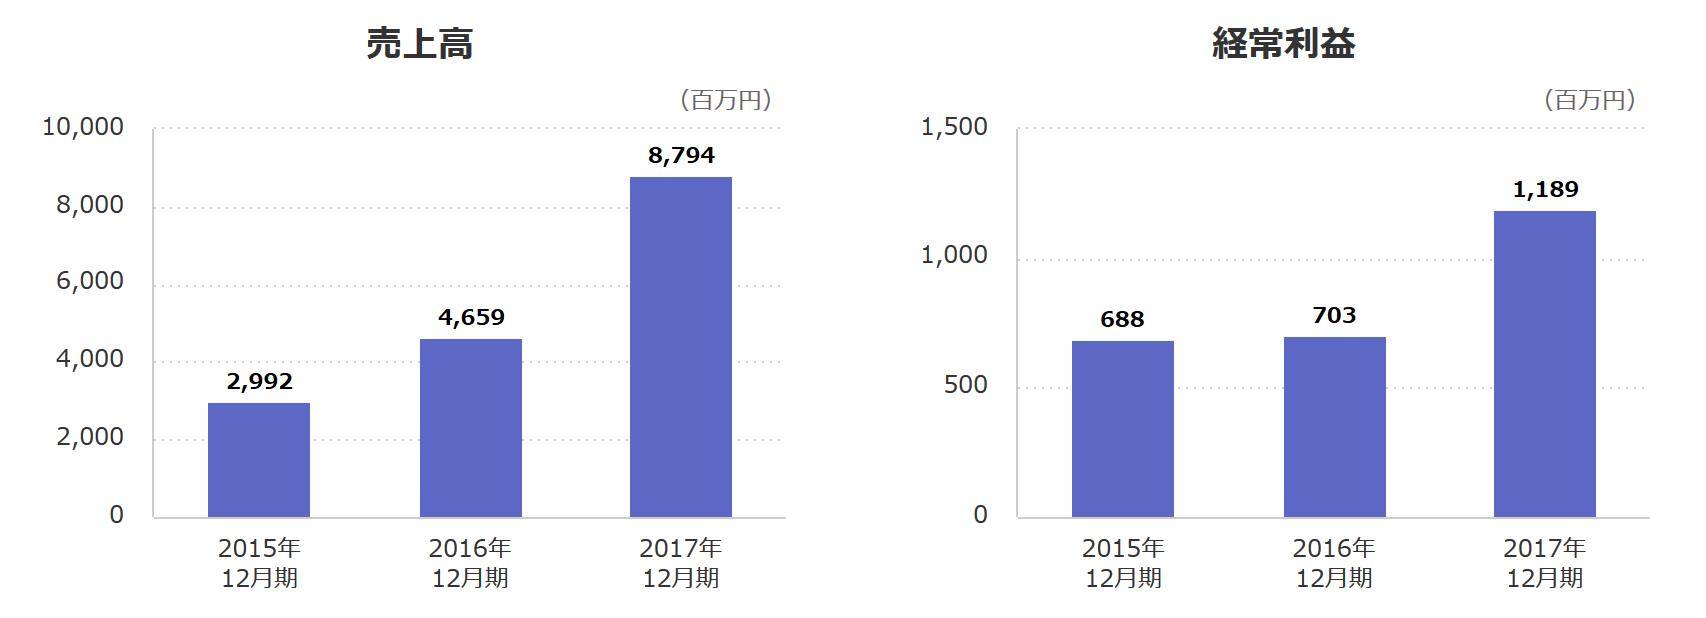 オーナーズブック運営会社は6期連続増収増益